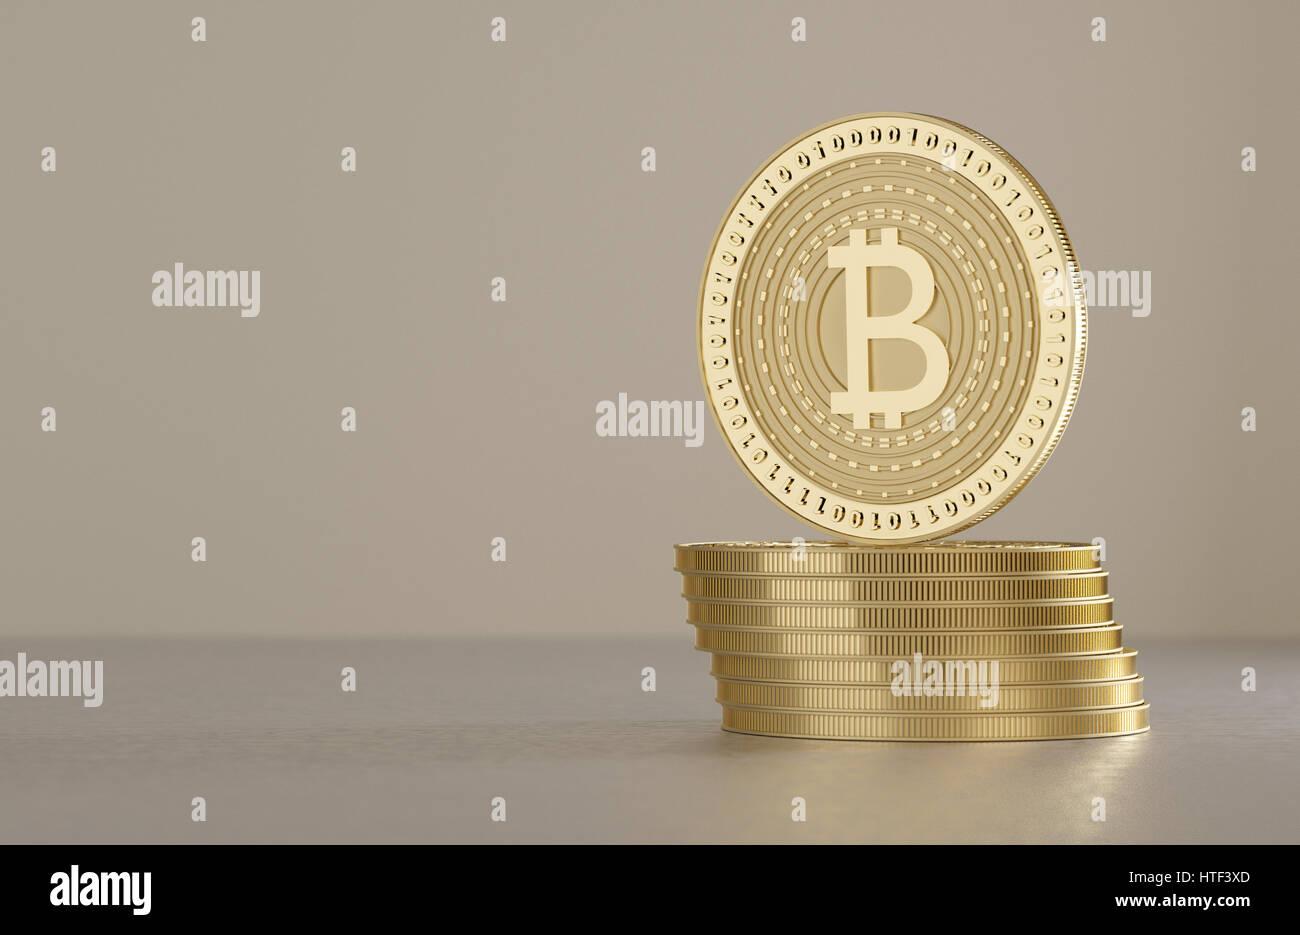 Dos color dorado brillante bitcoins de pie en el piso metálico como concepto de tecnología financiera y cripto-moneda Foto de stock